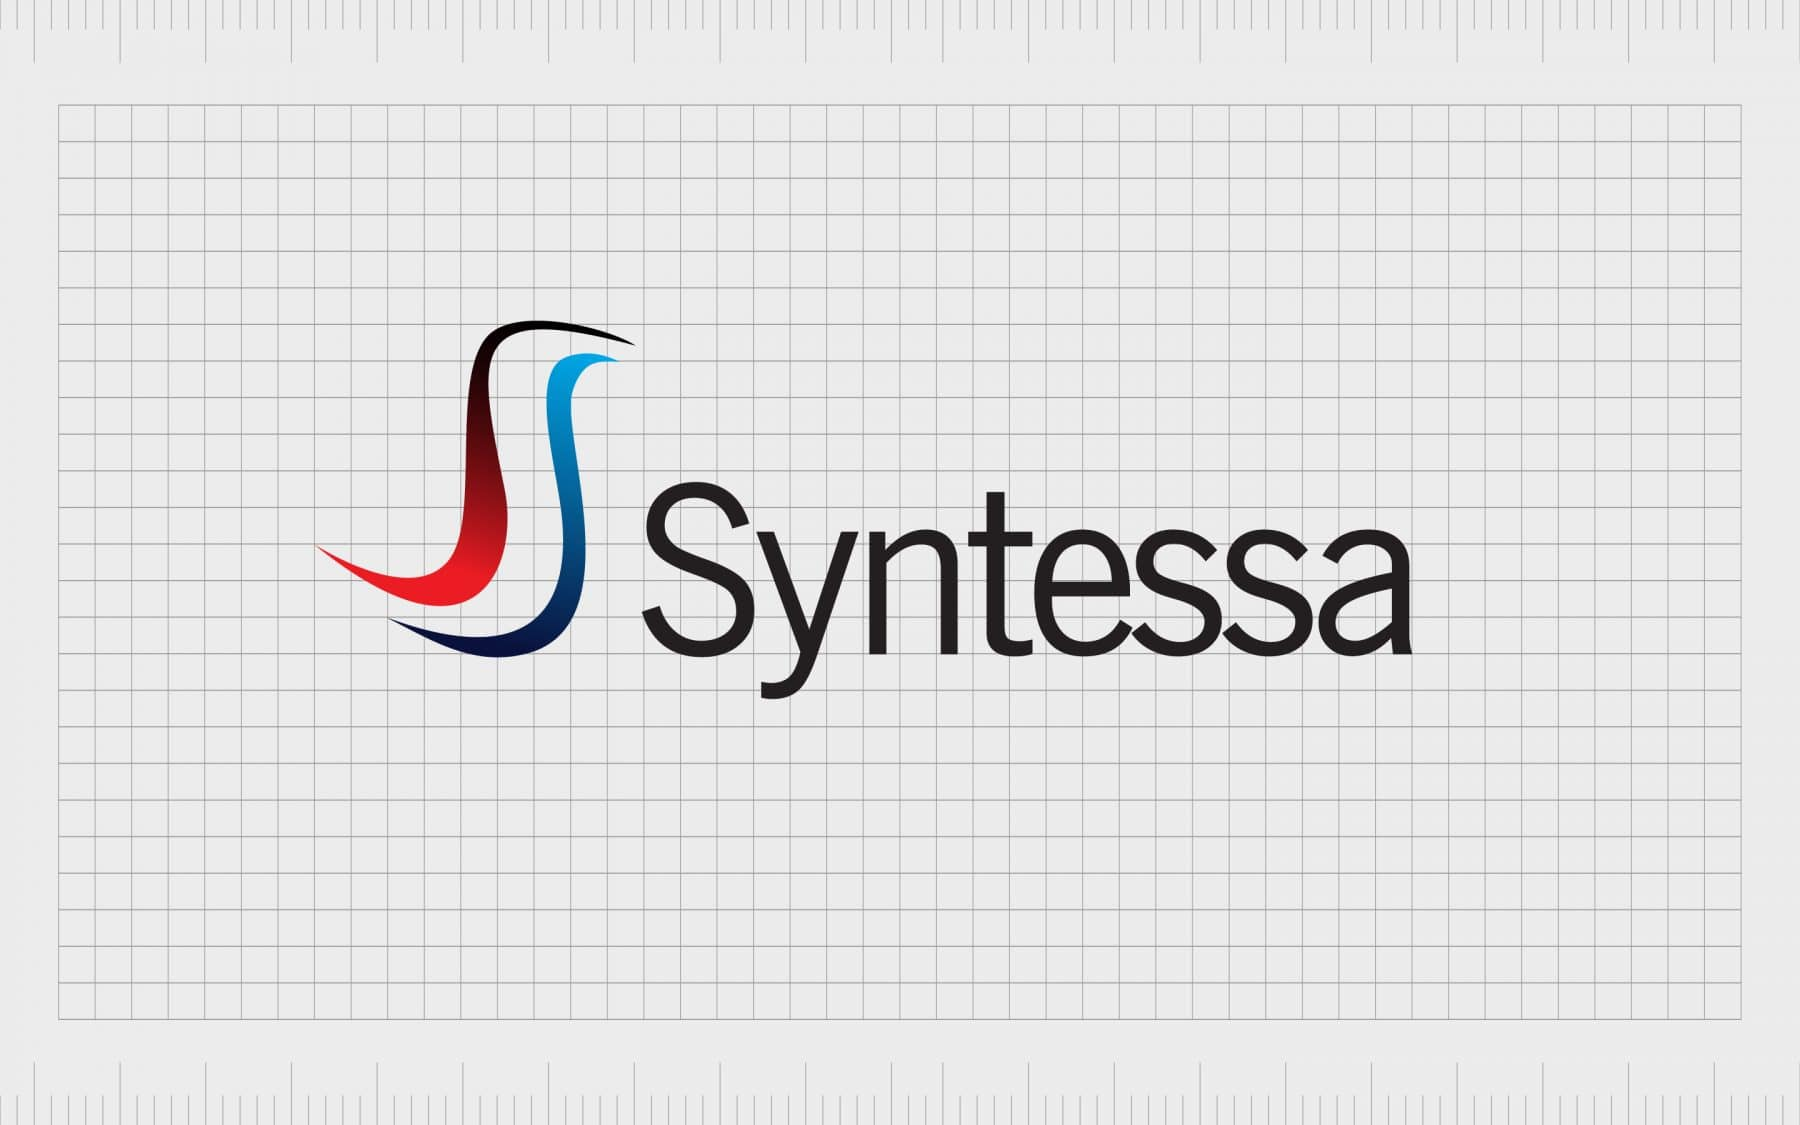 Syntessa